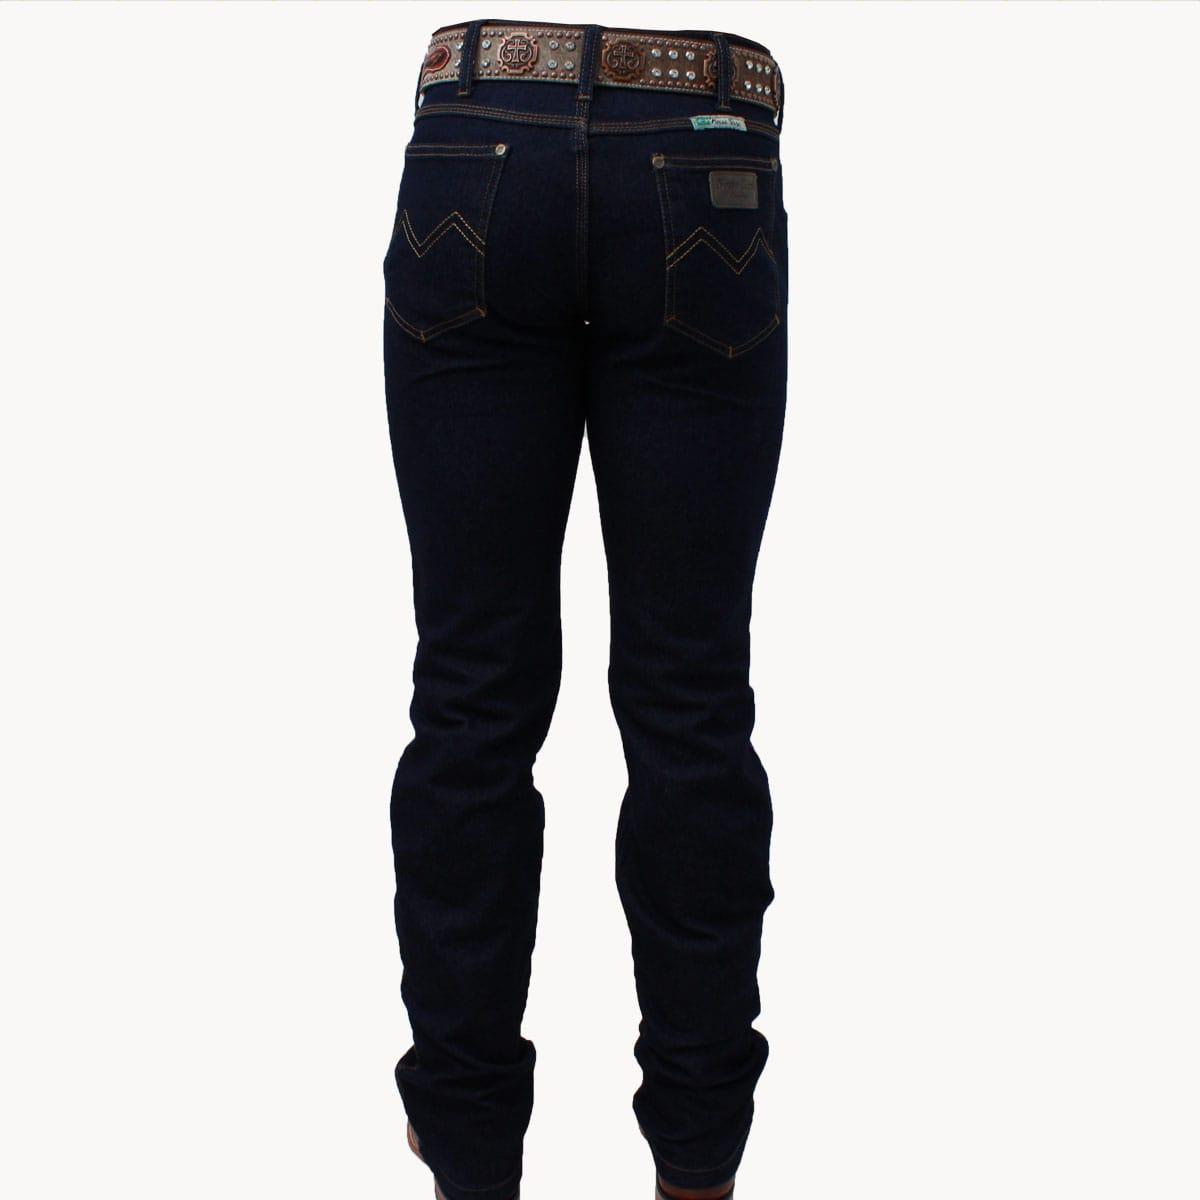 Calça Jeans Masculina Amaciada Lycra Nossa Terra - Arena Country Echaporã ac0a3decf3746